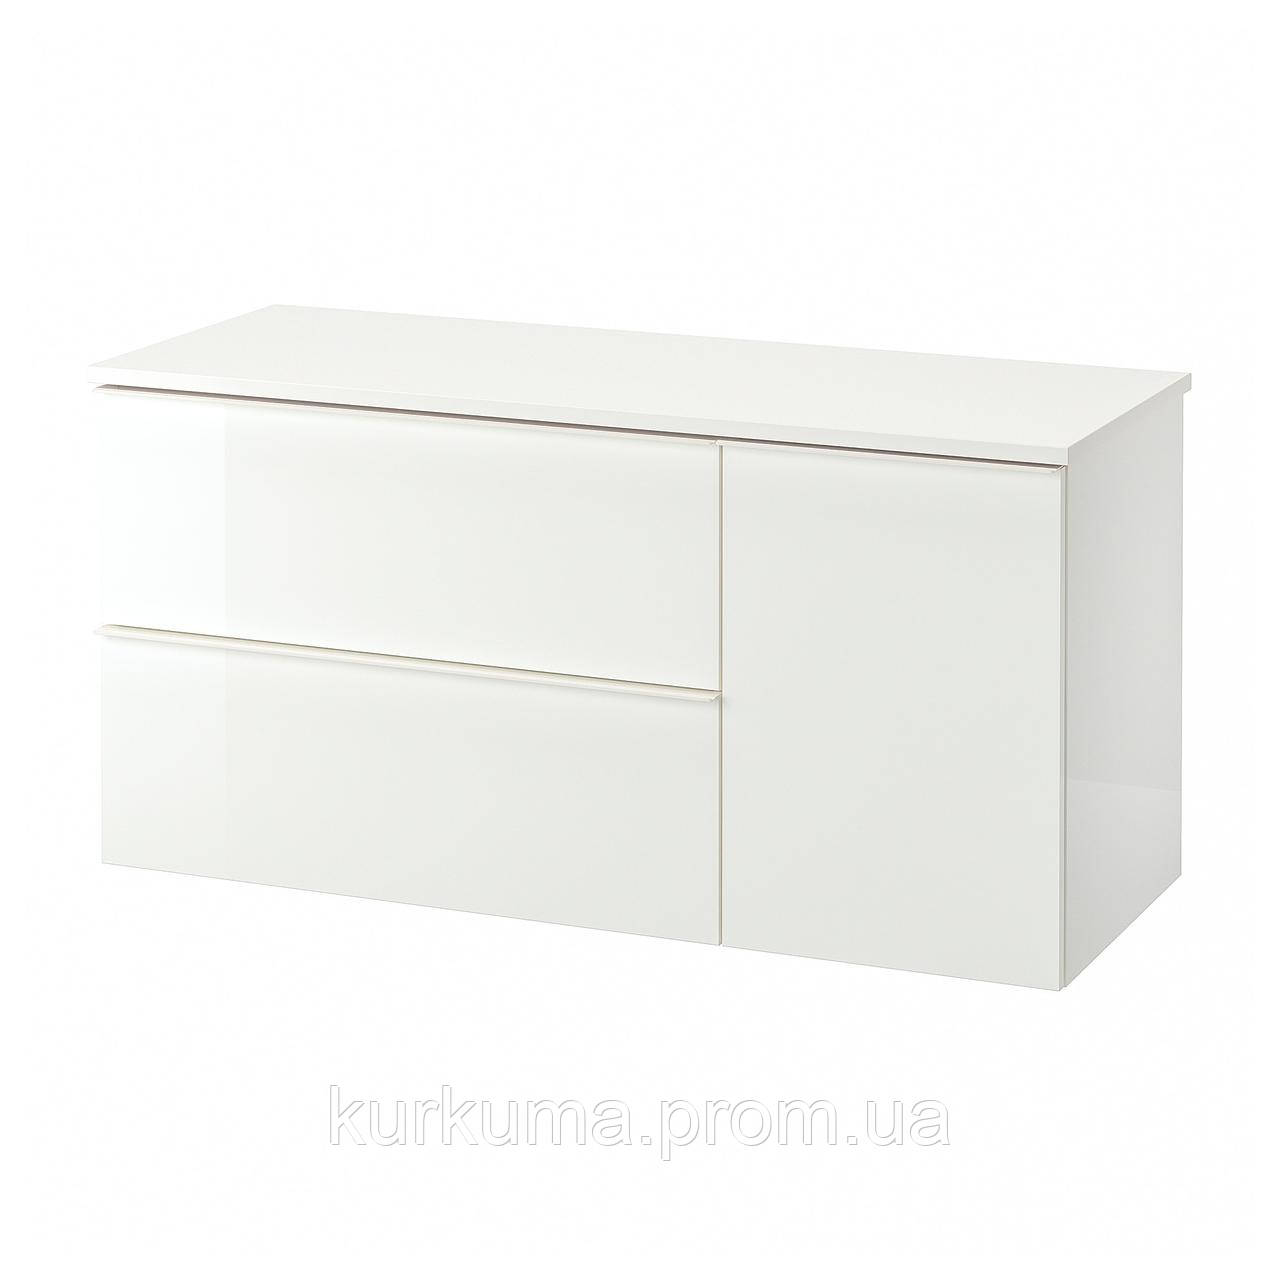 IKEA GODMORGON/TOLKEN Шкаф под умывальник со столешницей с 3 ящиками, глянцевый белый, белый  (992.952.77)